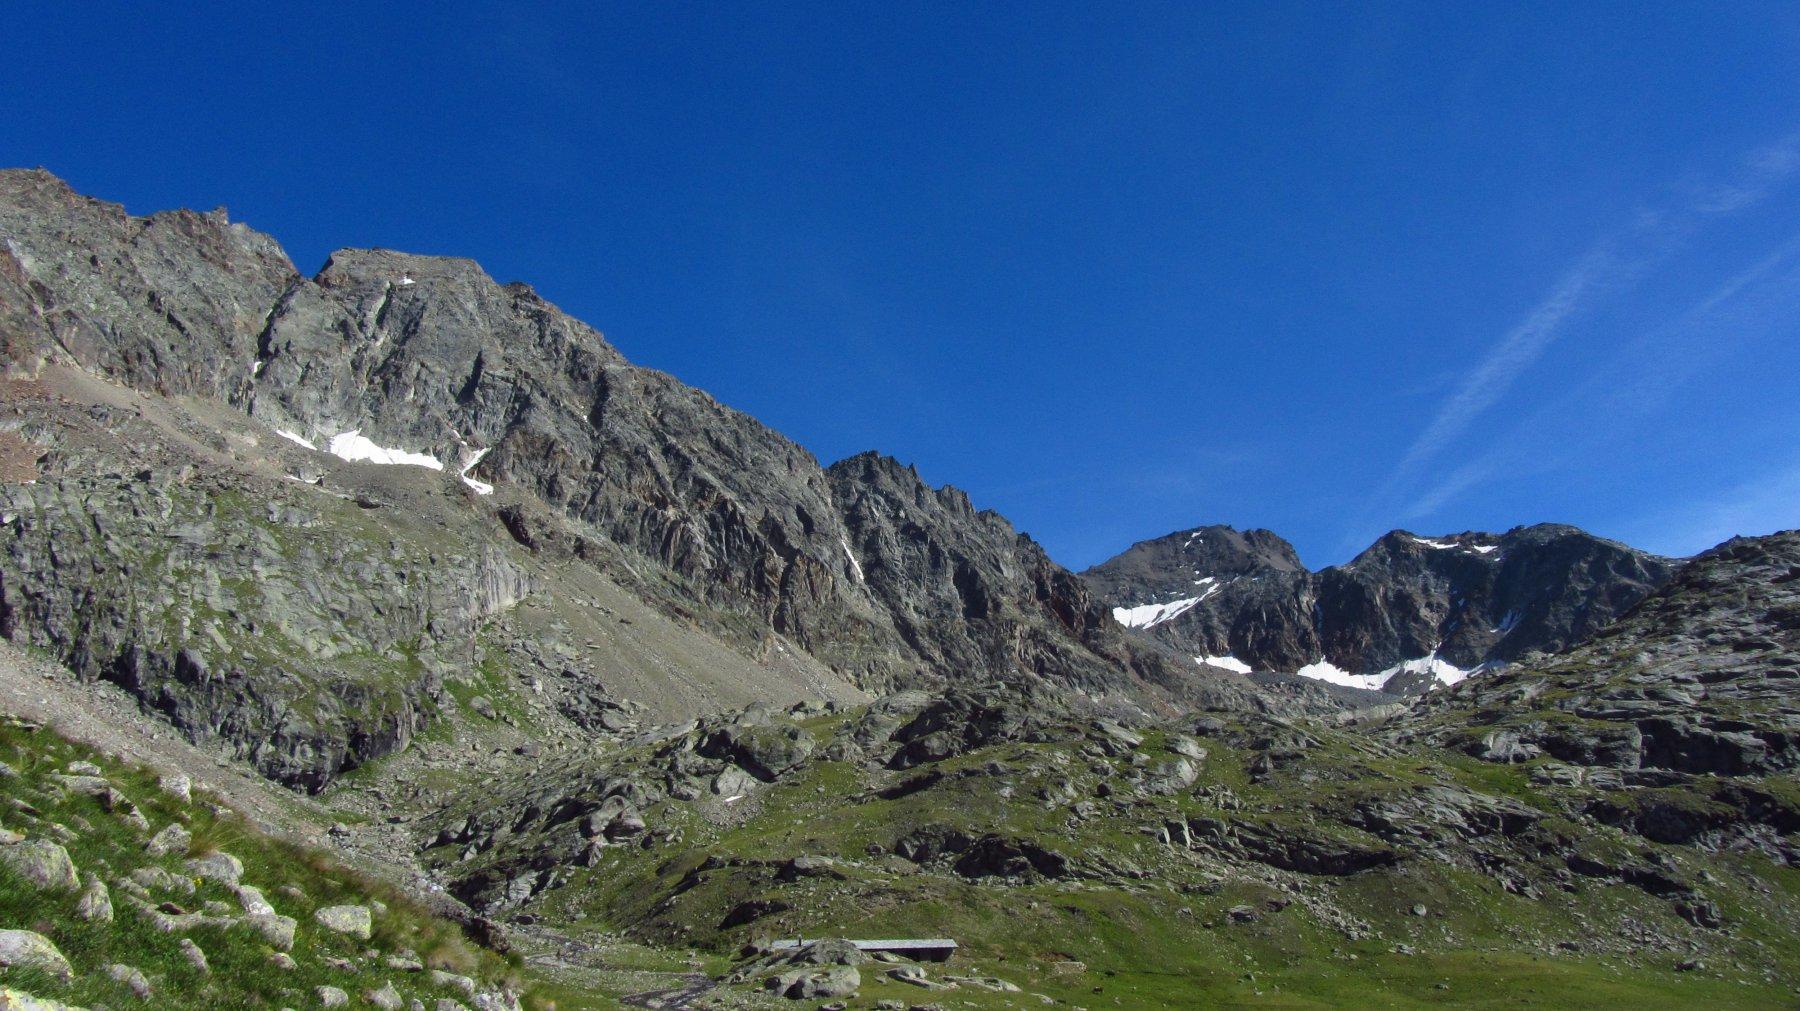 Da sinistra a destra, la cresta osservata nel suo insieme